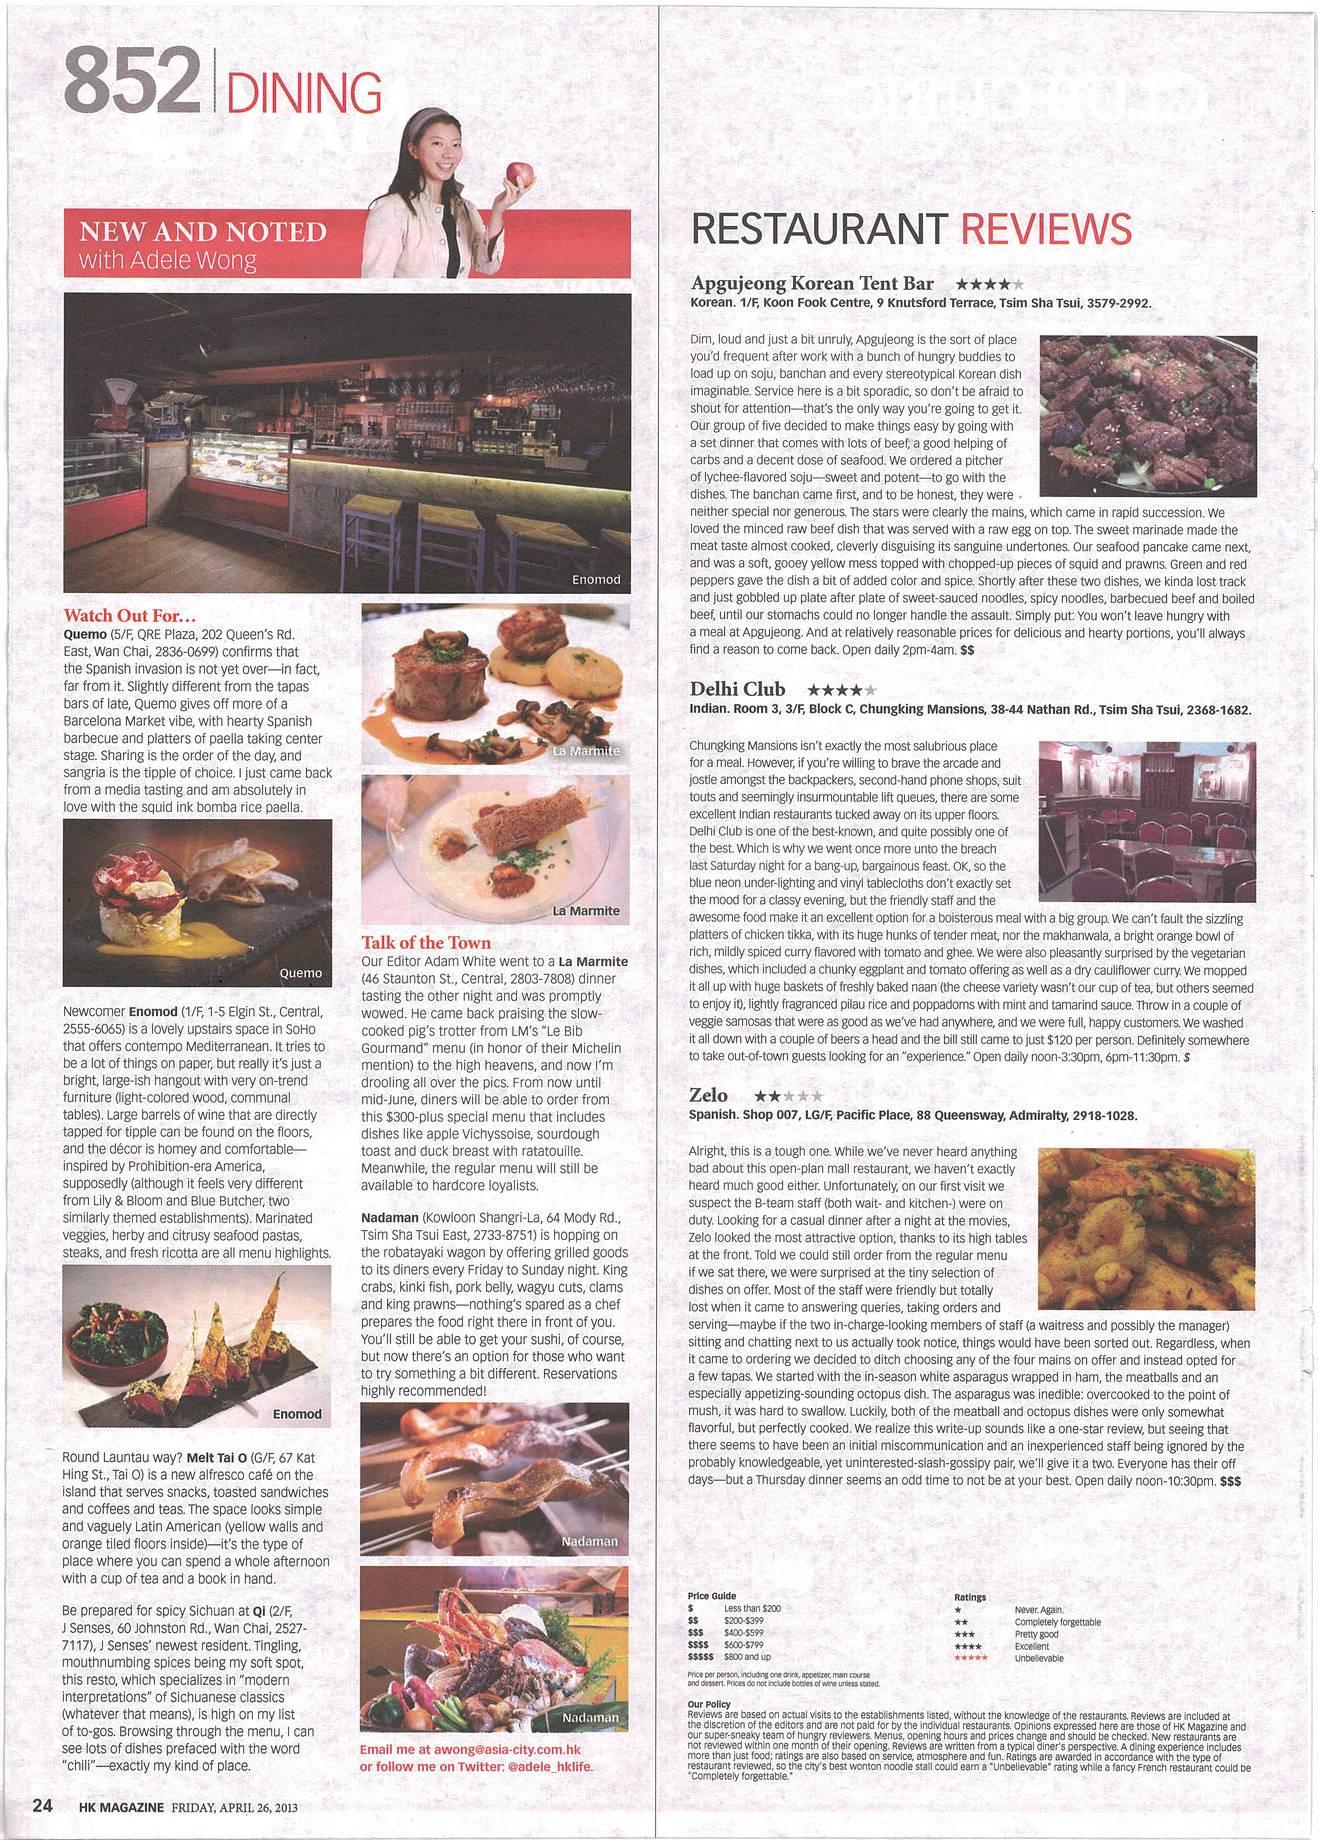 ENOMOD - 26.04 - HK Magazine (P24).jpg